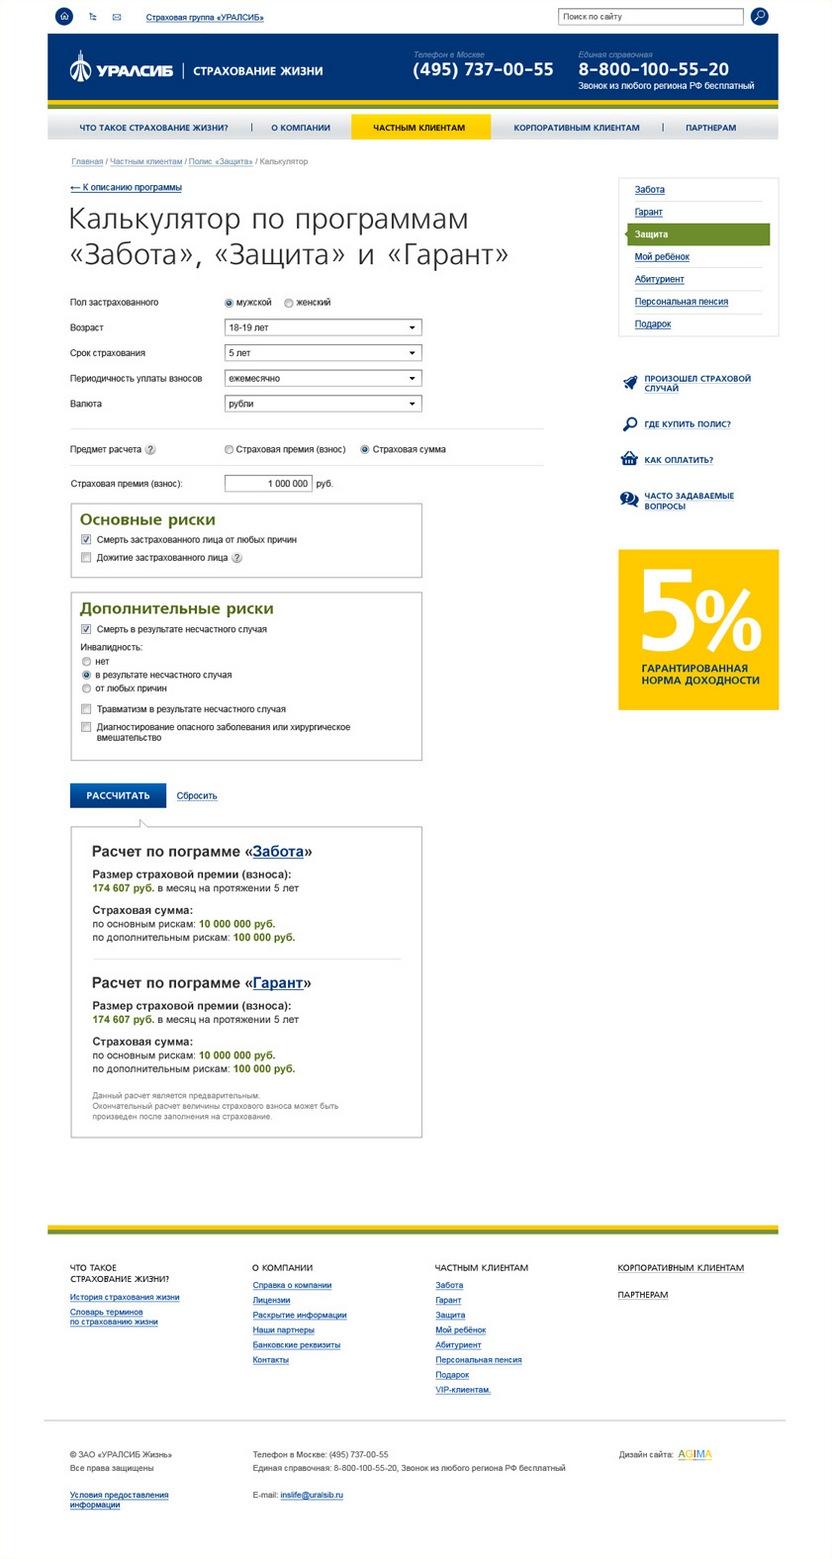 Продукты с сайта страховых компаний